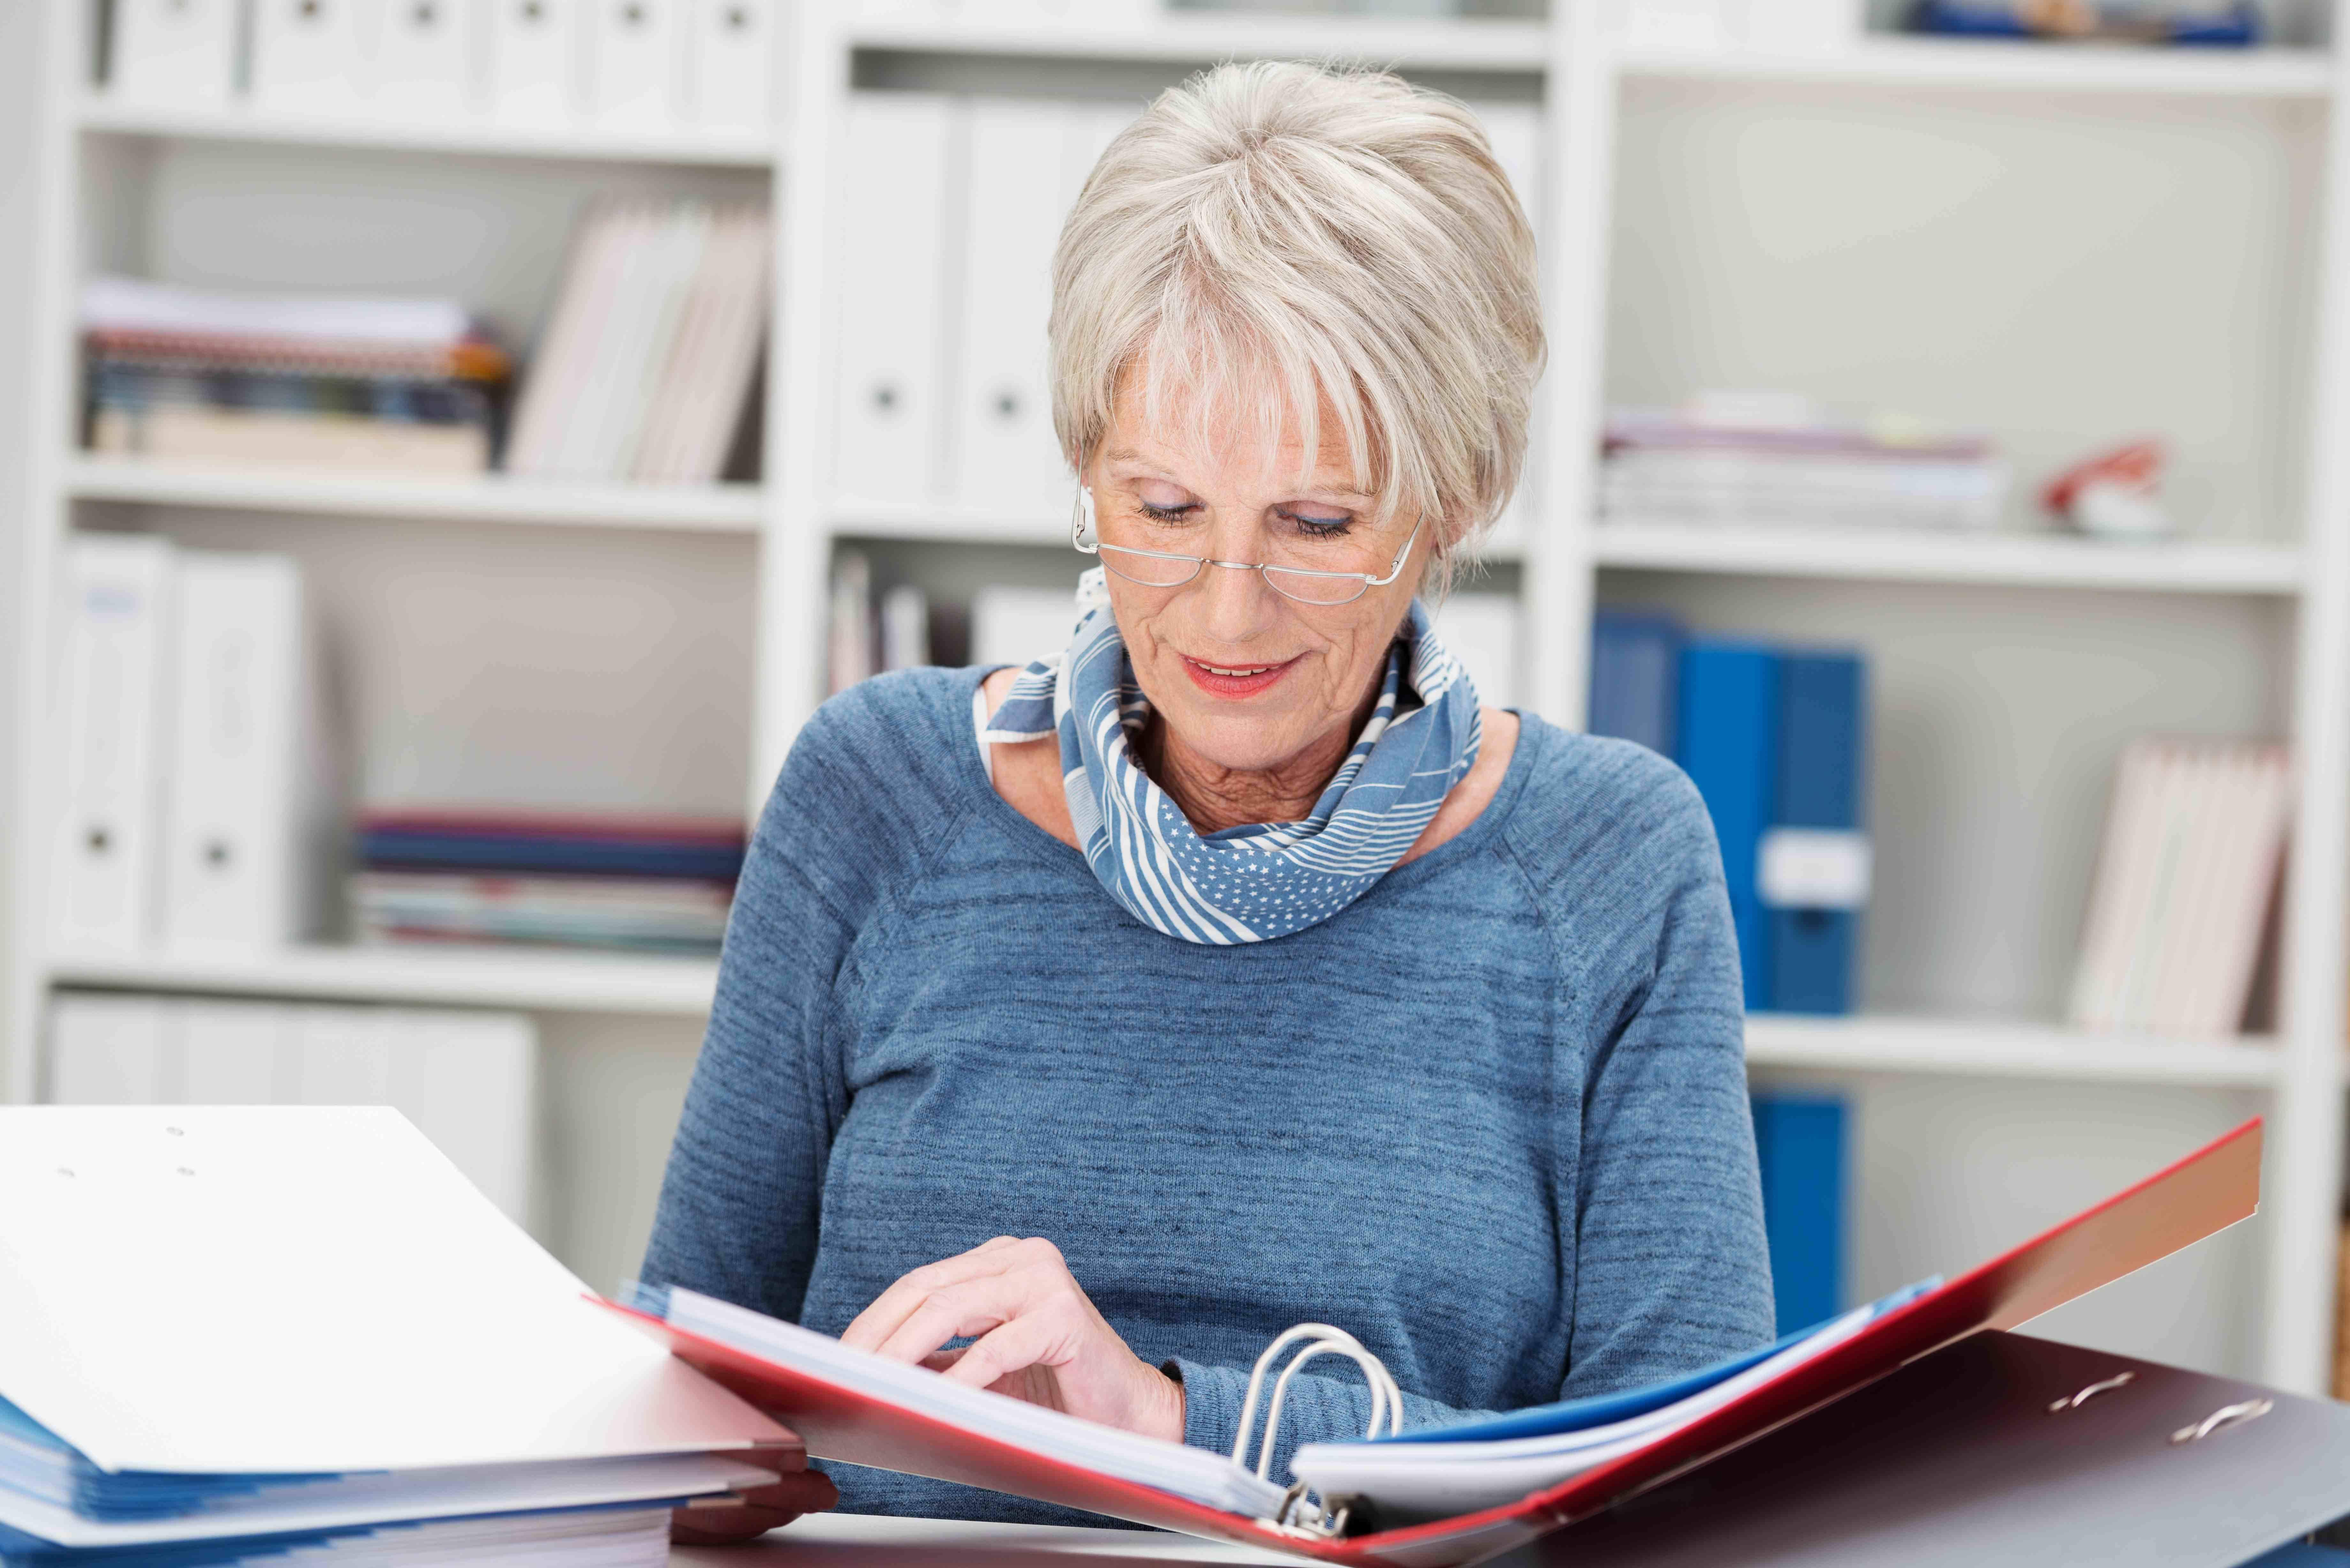 Как найти работу для женщины после 40 лет